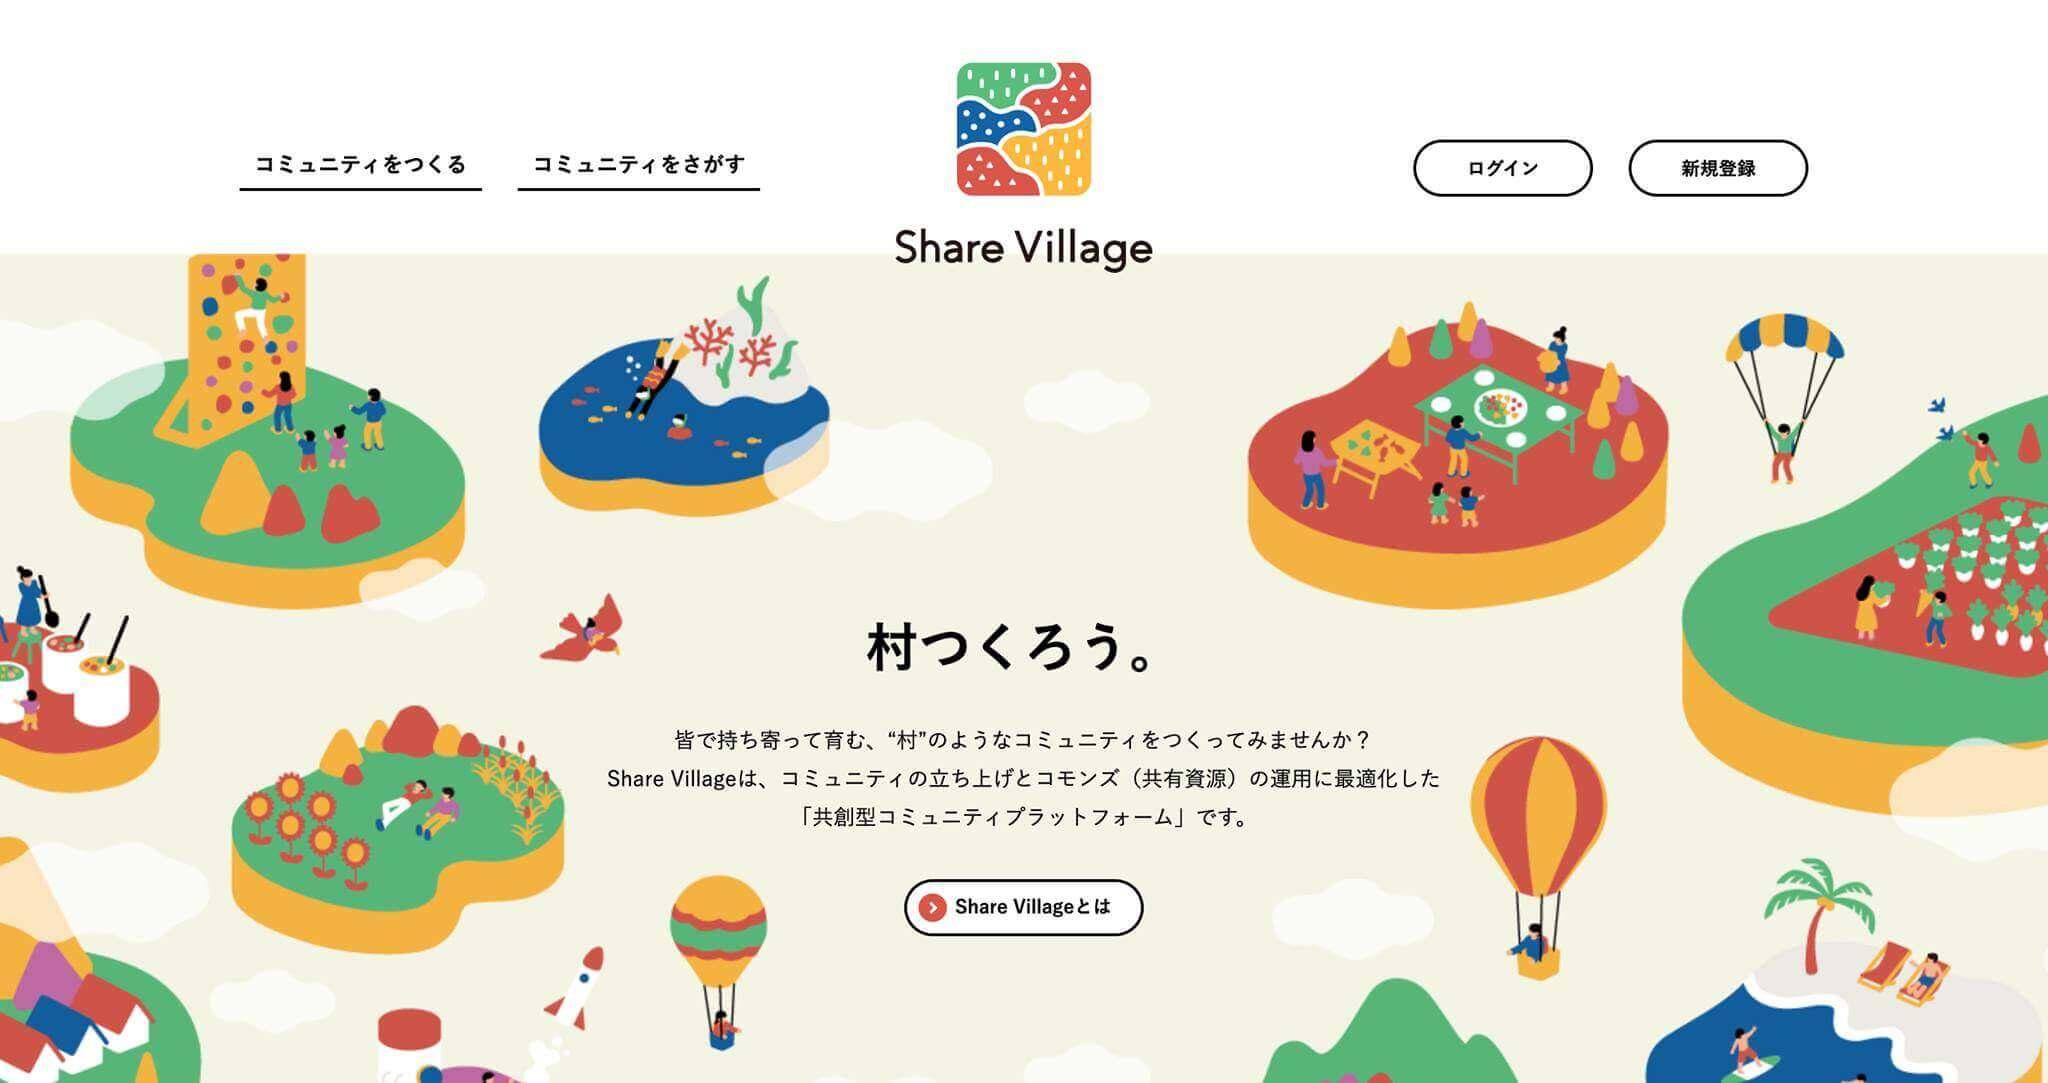 ShareVillage トップページ